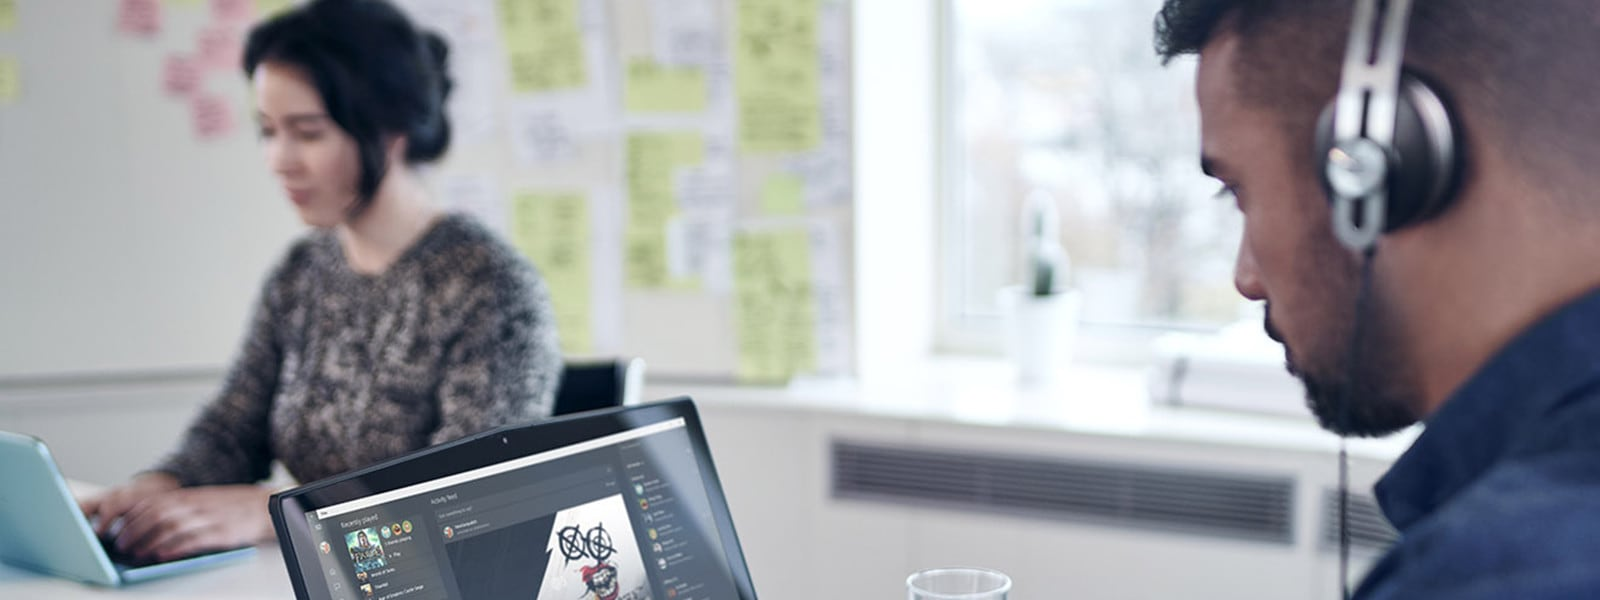 ヘッドホンで音声を聞きながらパソコンを操作している男女2人